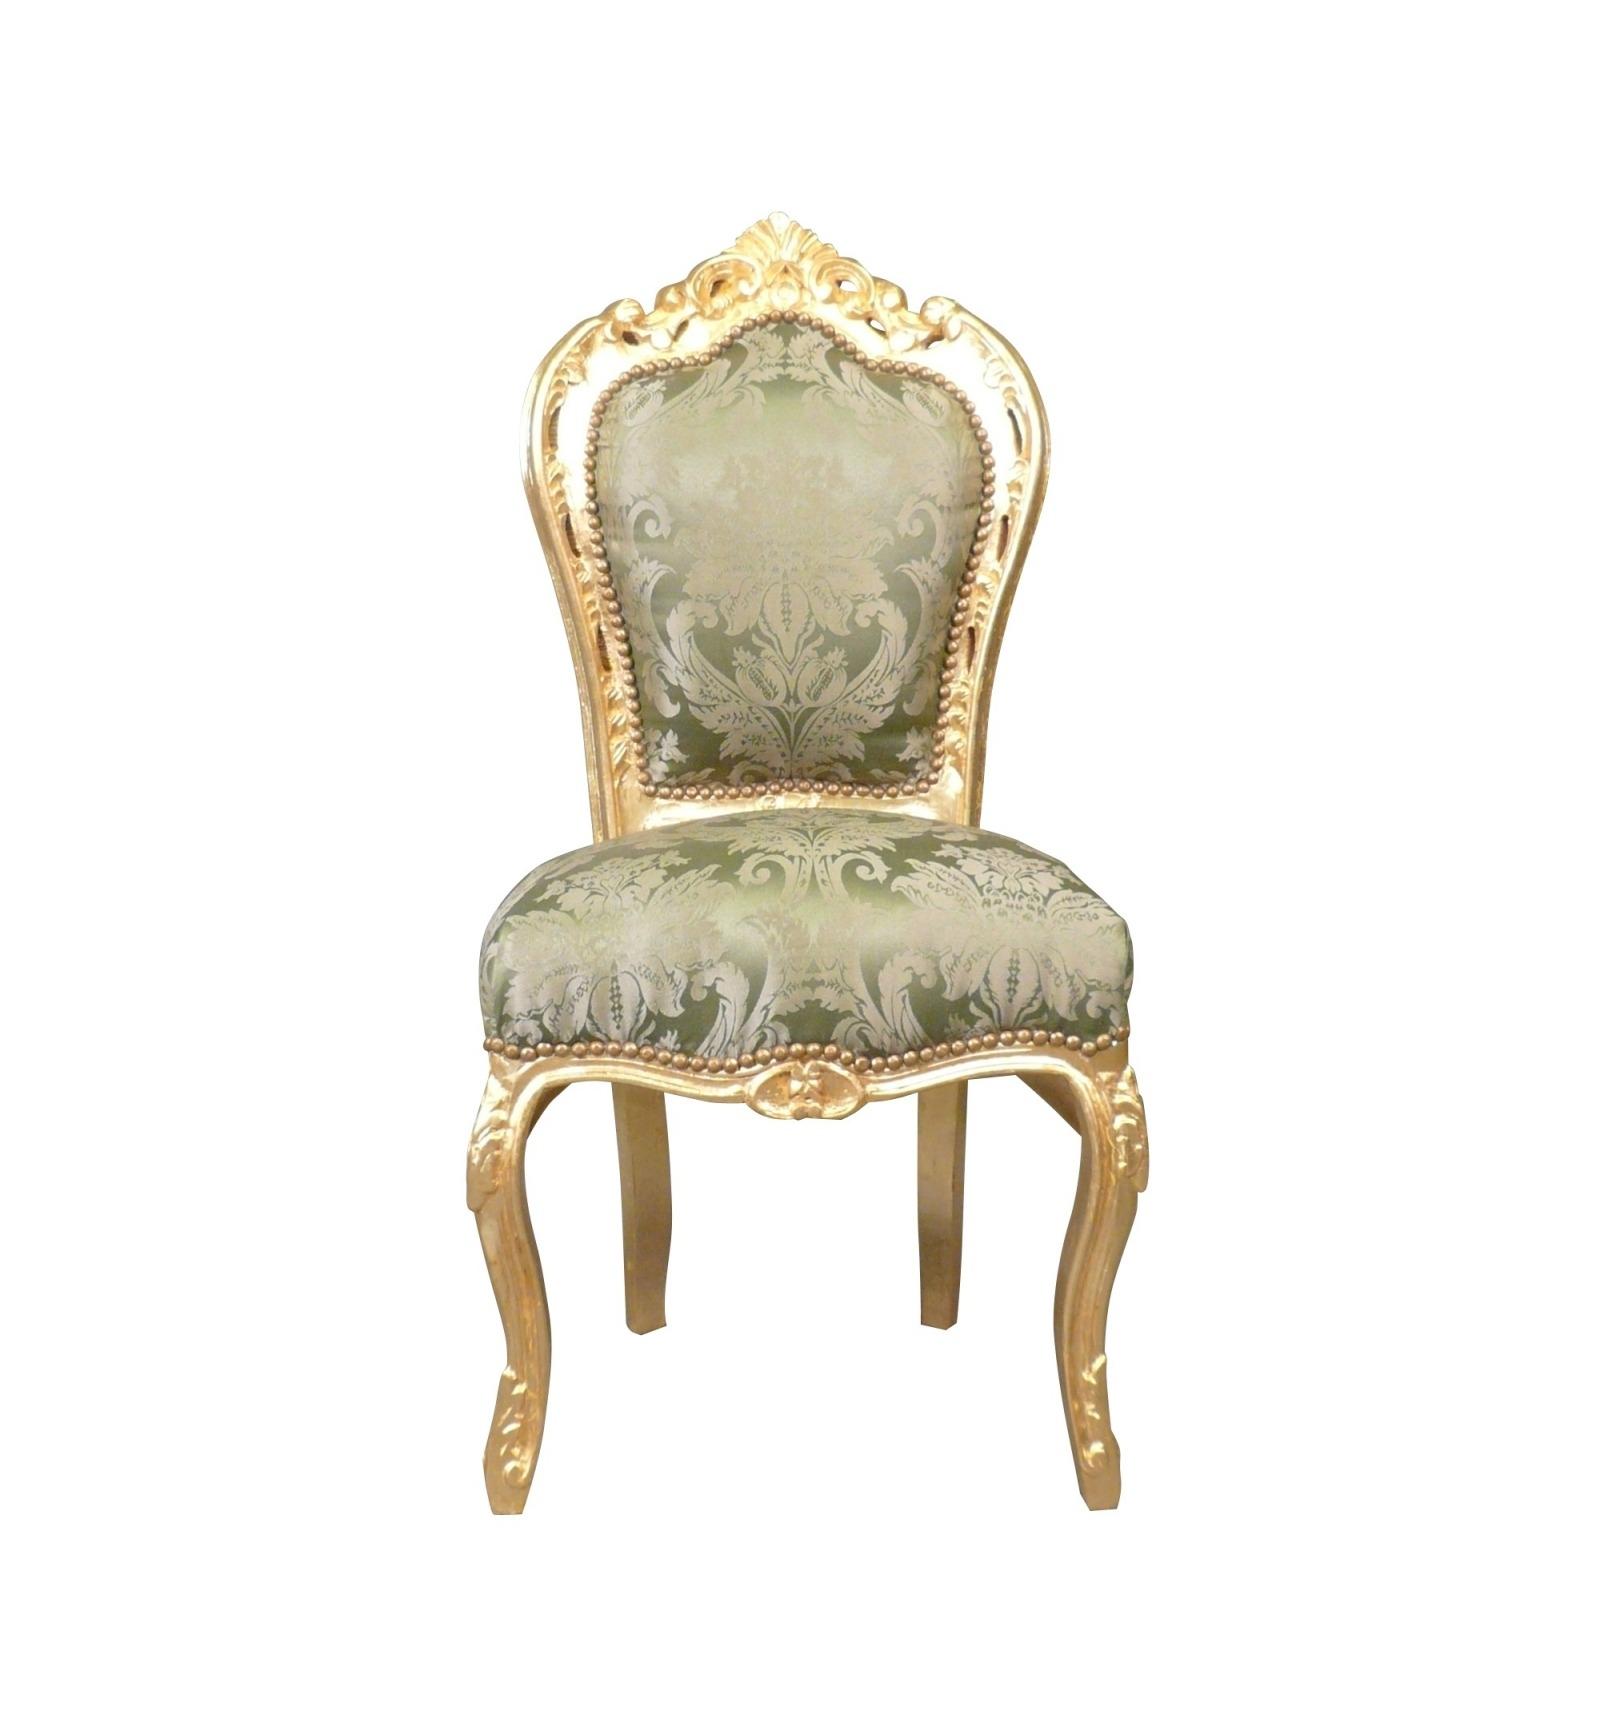 Chaise baroque verte assises rococo en bois dor for Chaise verte